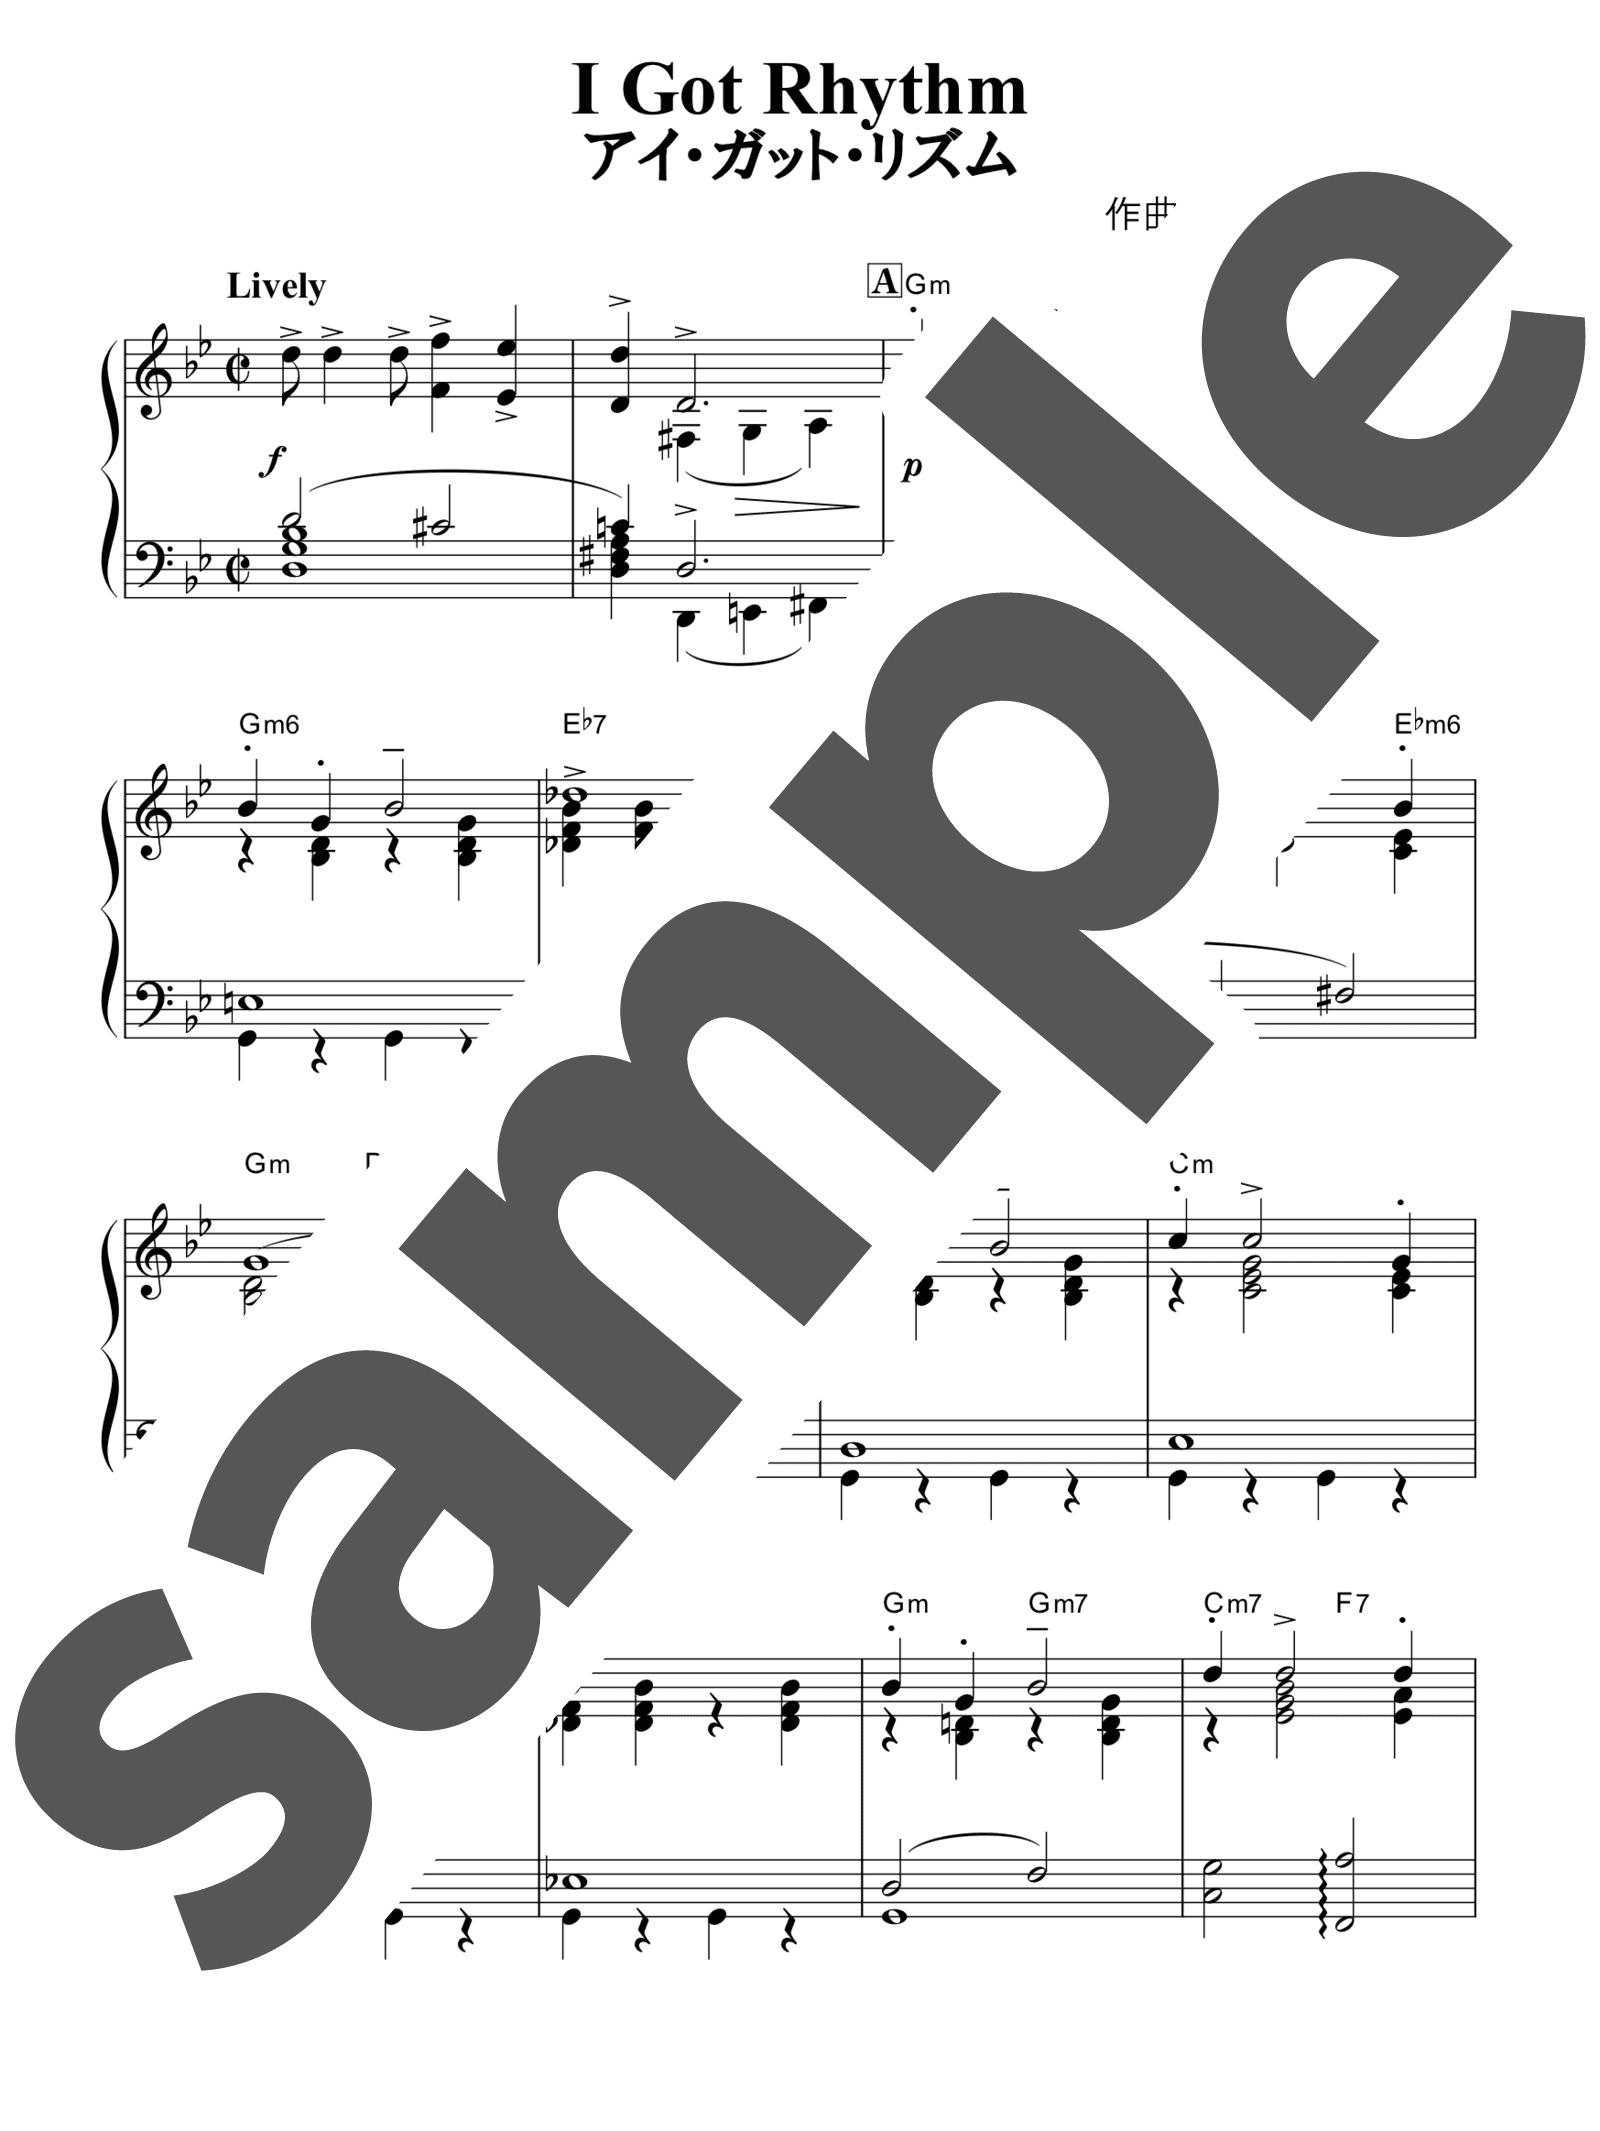 「アイ・ガット・リズム」のサンプル楽譜